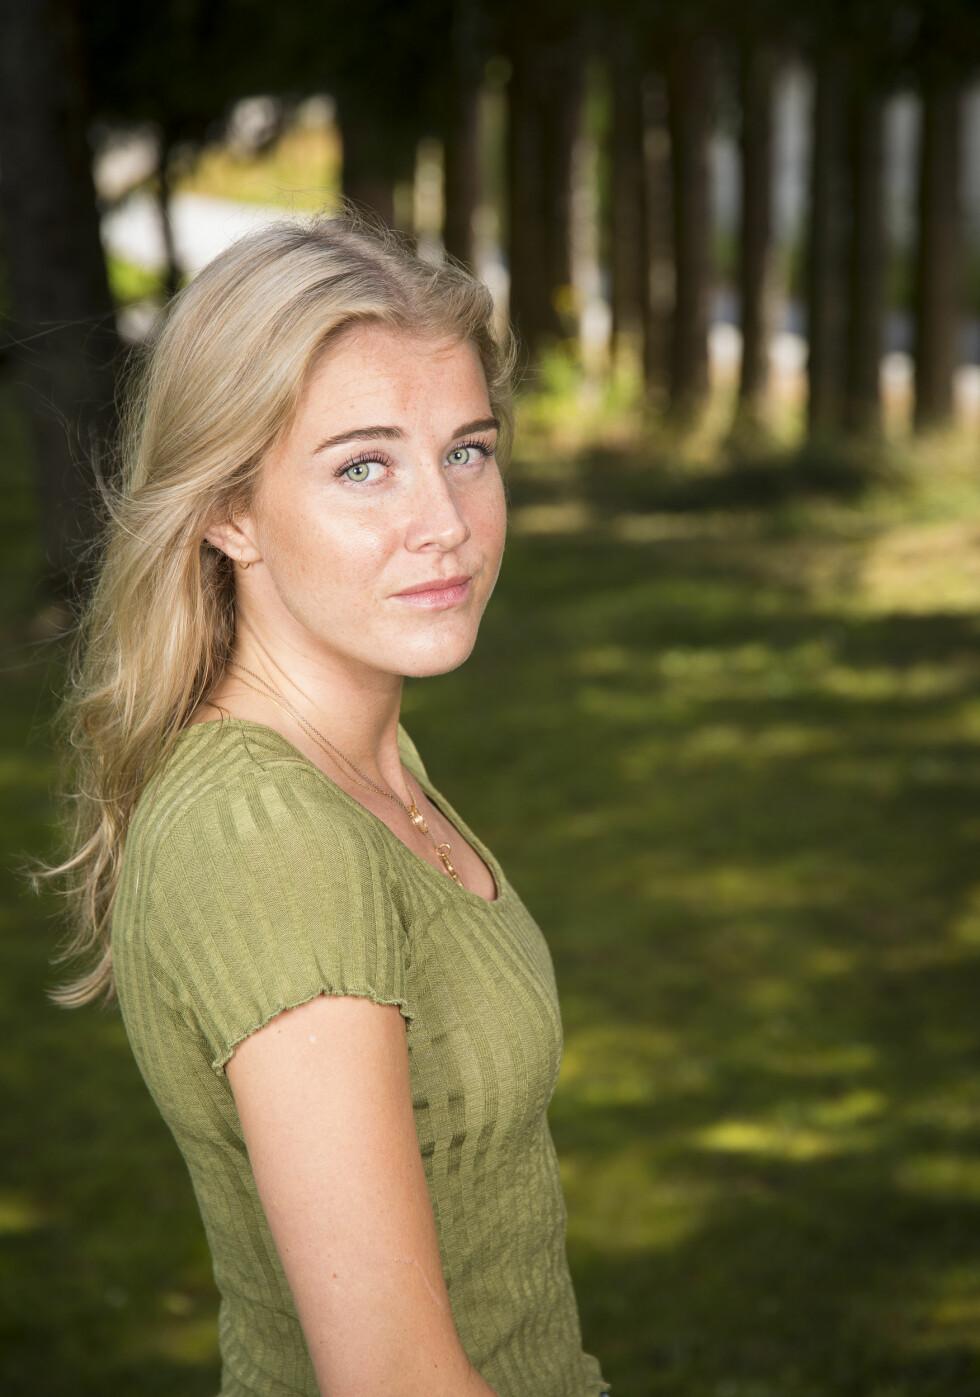 Navn: Sophie Therese Lindberg Alder: 25 Yrke: Markedskoordinator hos Cappelen Damm Bosted: Oslo Foto: Tor Lindseth/ Se og Hør